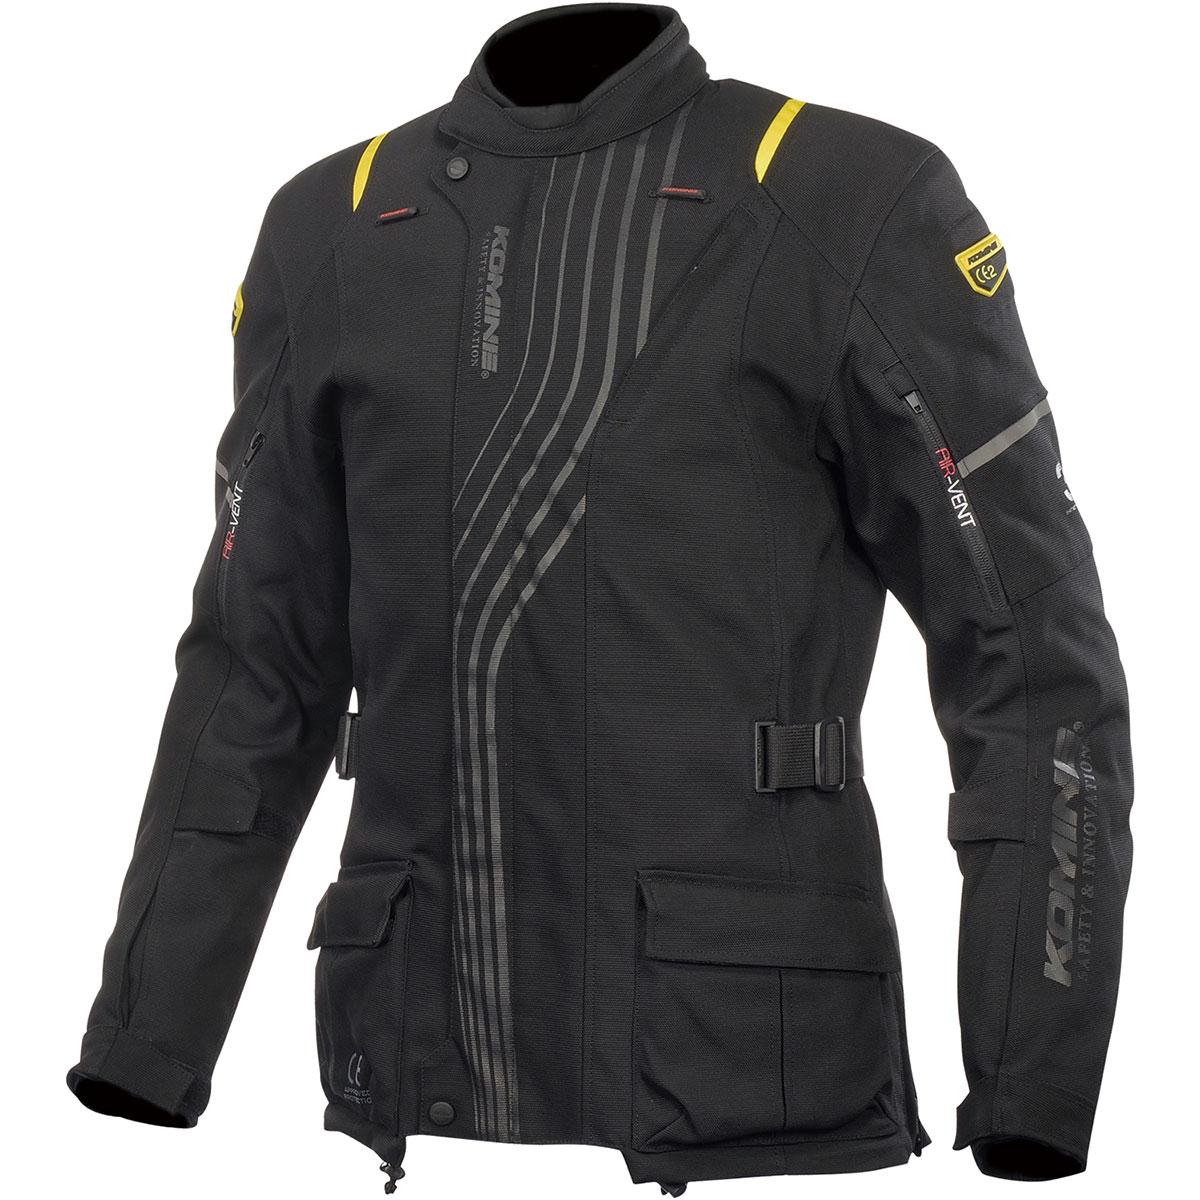 コミネ (Komine) バイク用 ジャケット Jacket JK-605 スプリームプロテクトウインタージャケット ブラック Lサイズ 07-605/BK/L